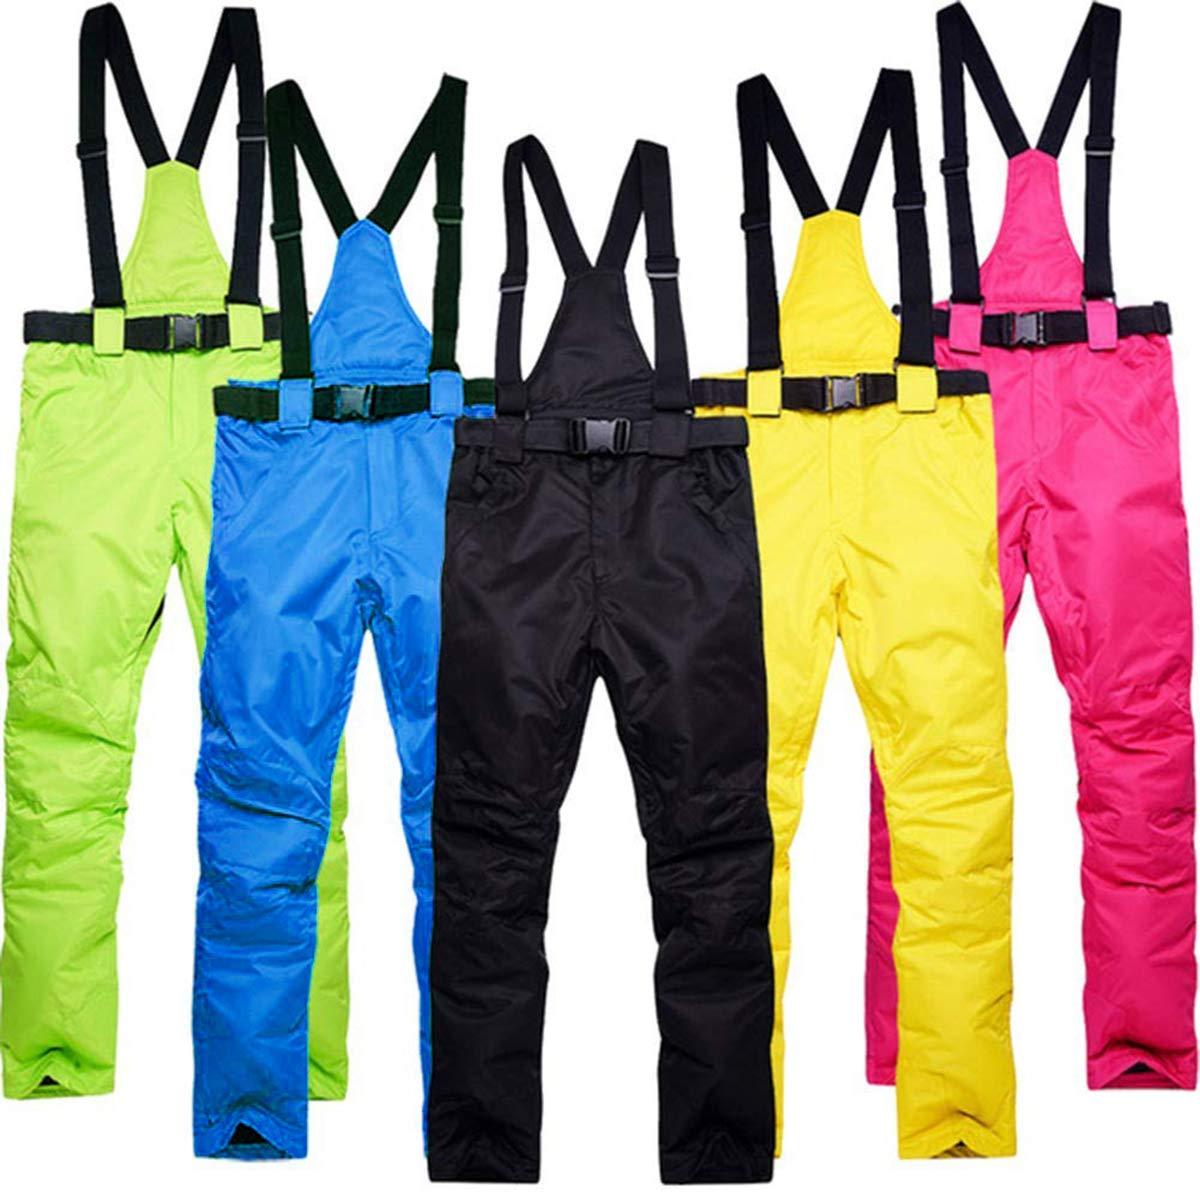 Caldo Funzionale Ispessito Pantaloni Montagna Pantaloni da Sci Pantaloni da Trekking Outdoor Autunno Inverno Traspirante BEMEI Pantaloni da Sci per Le Donne Cinghie Staccabili Impermeabili